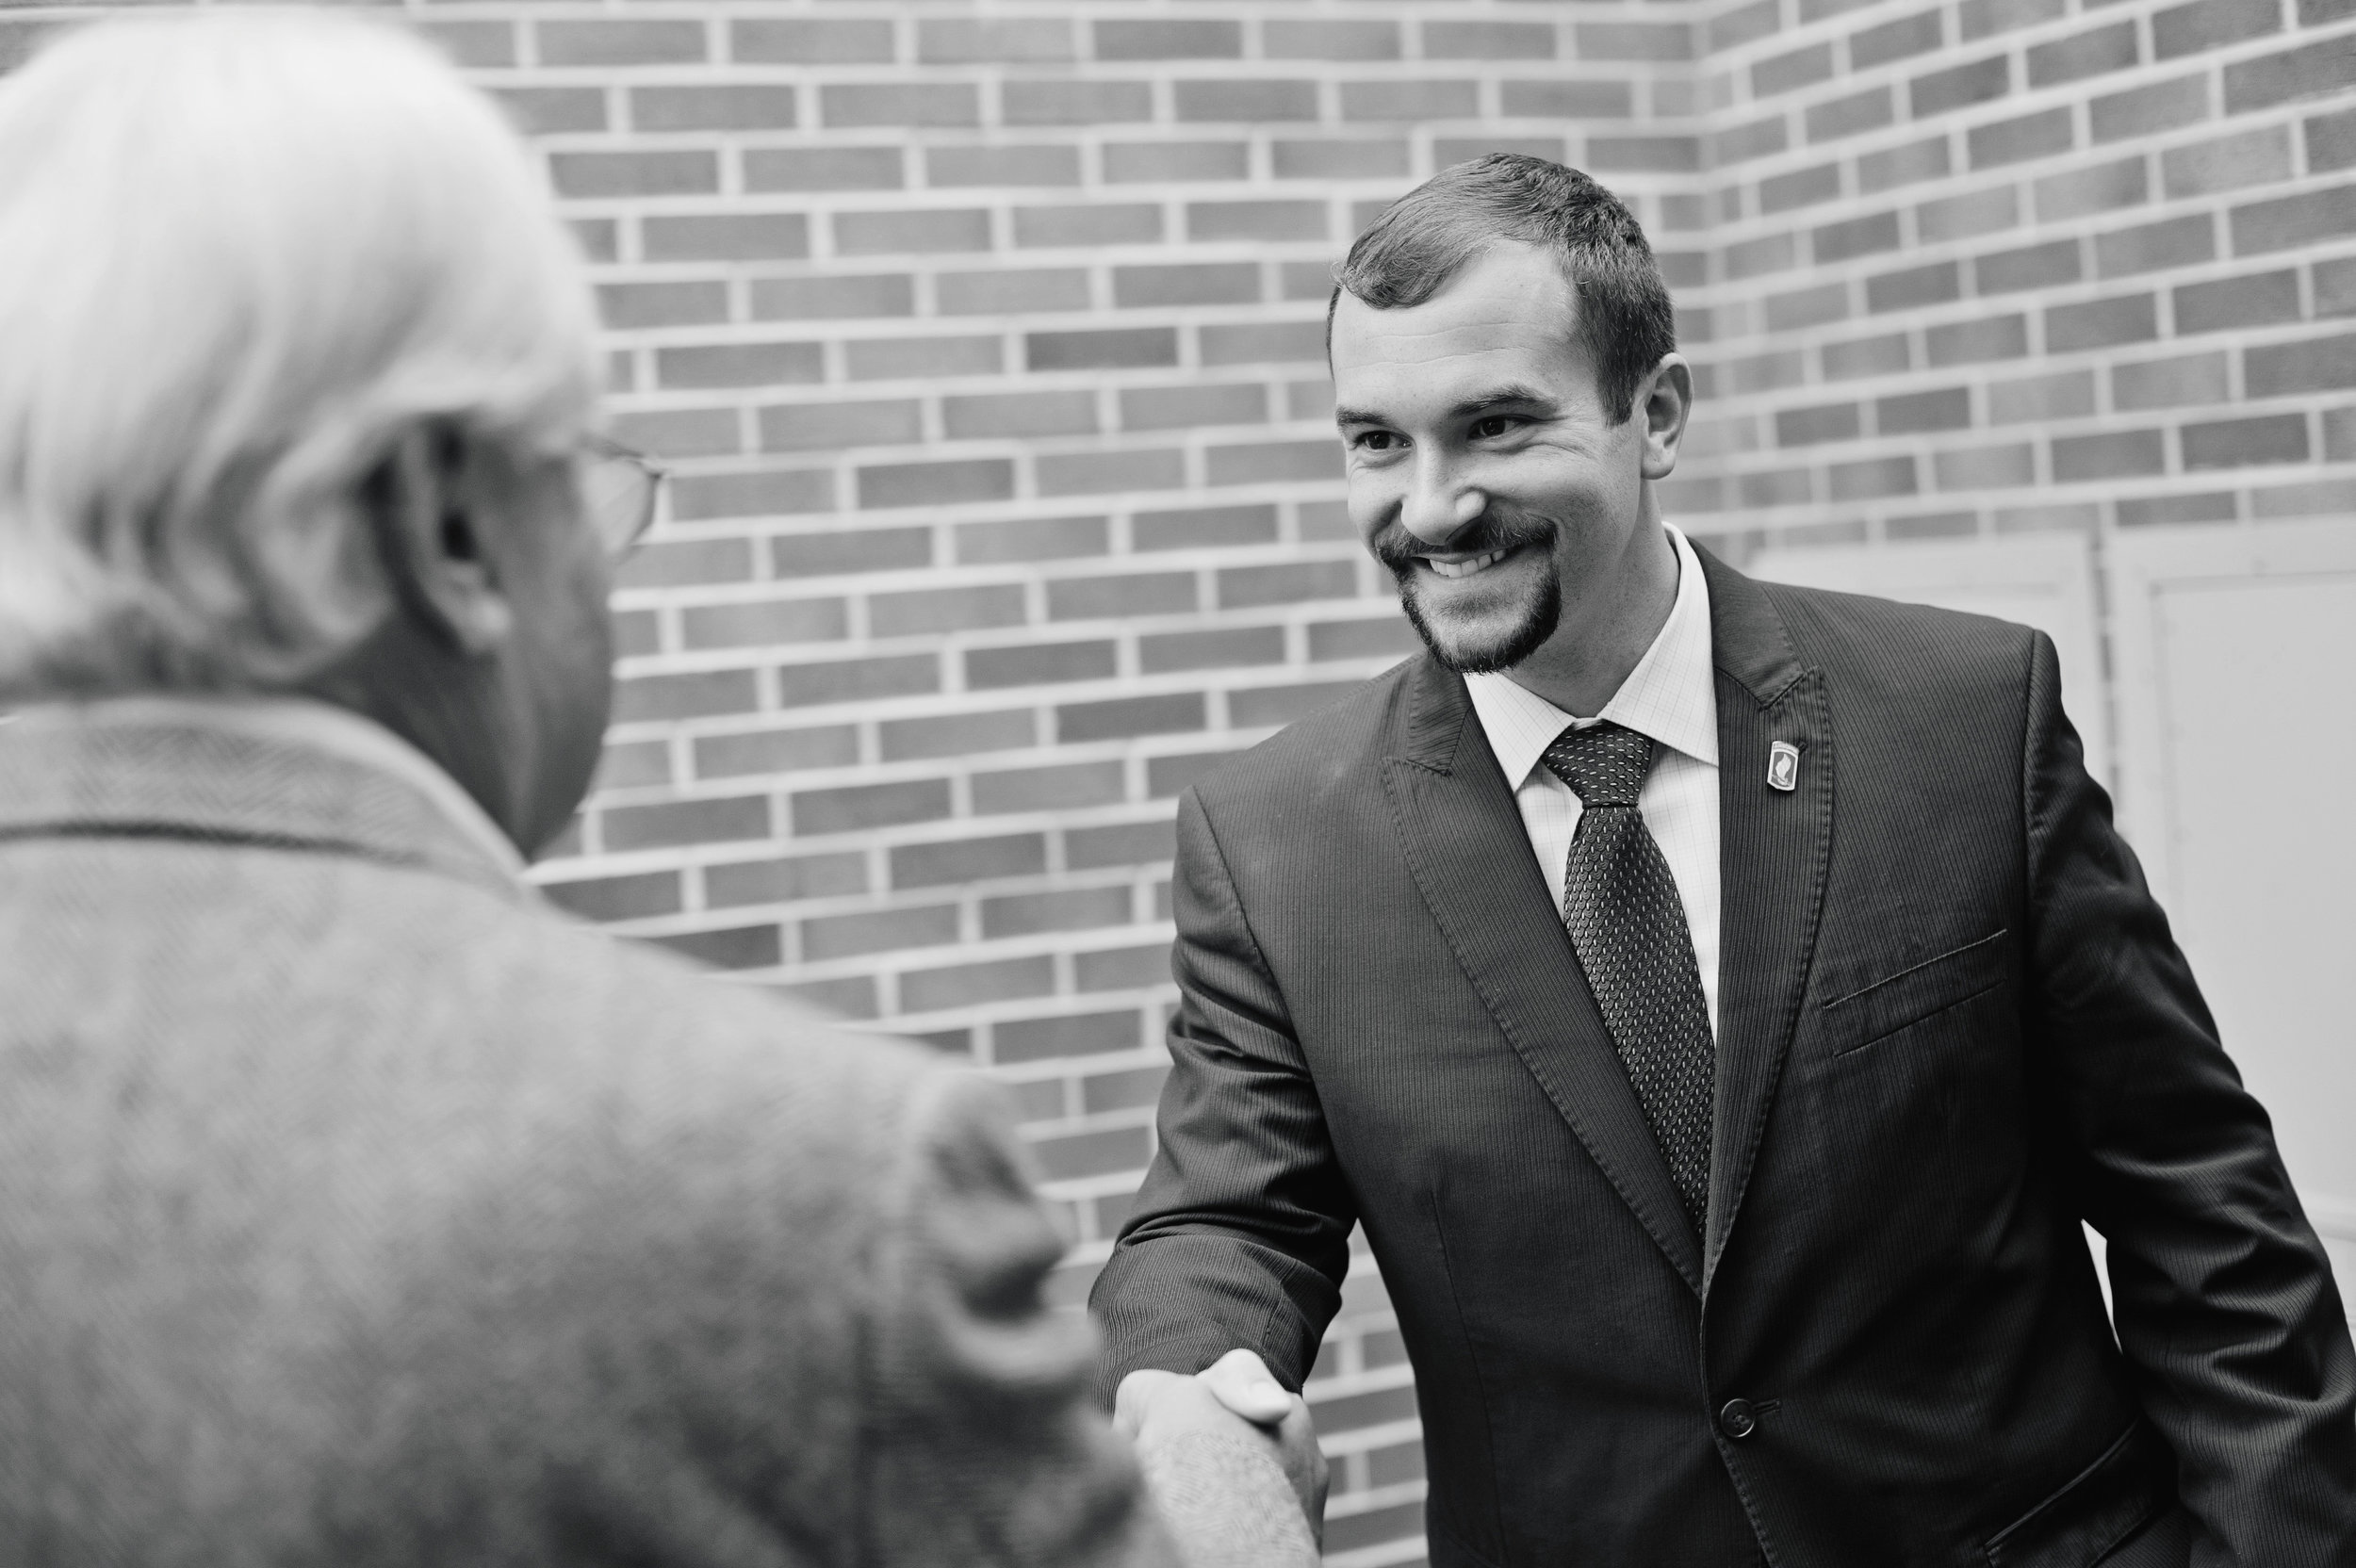 Sal shaking hands, Lee.jpg